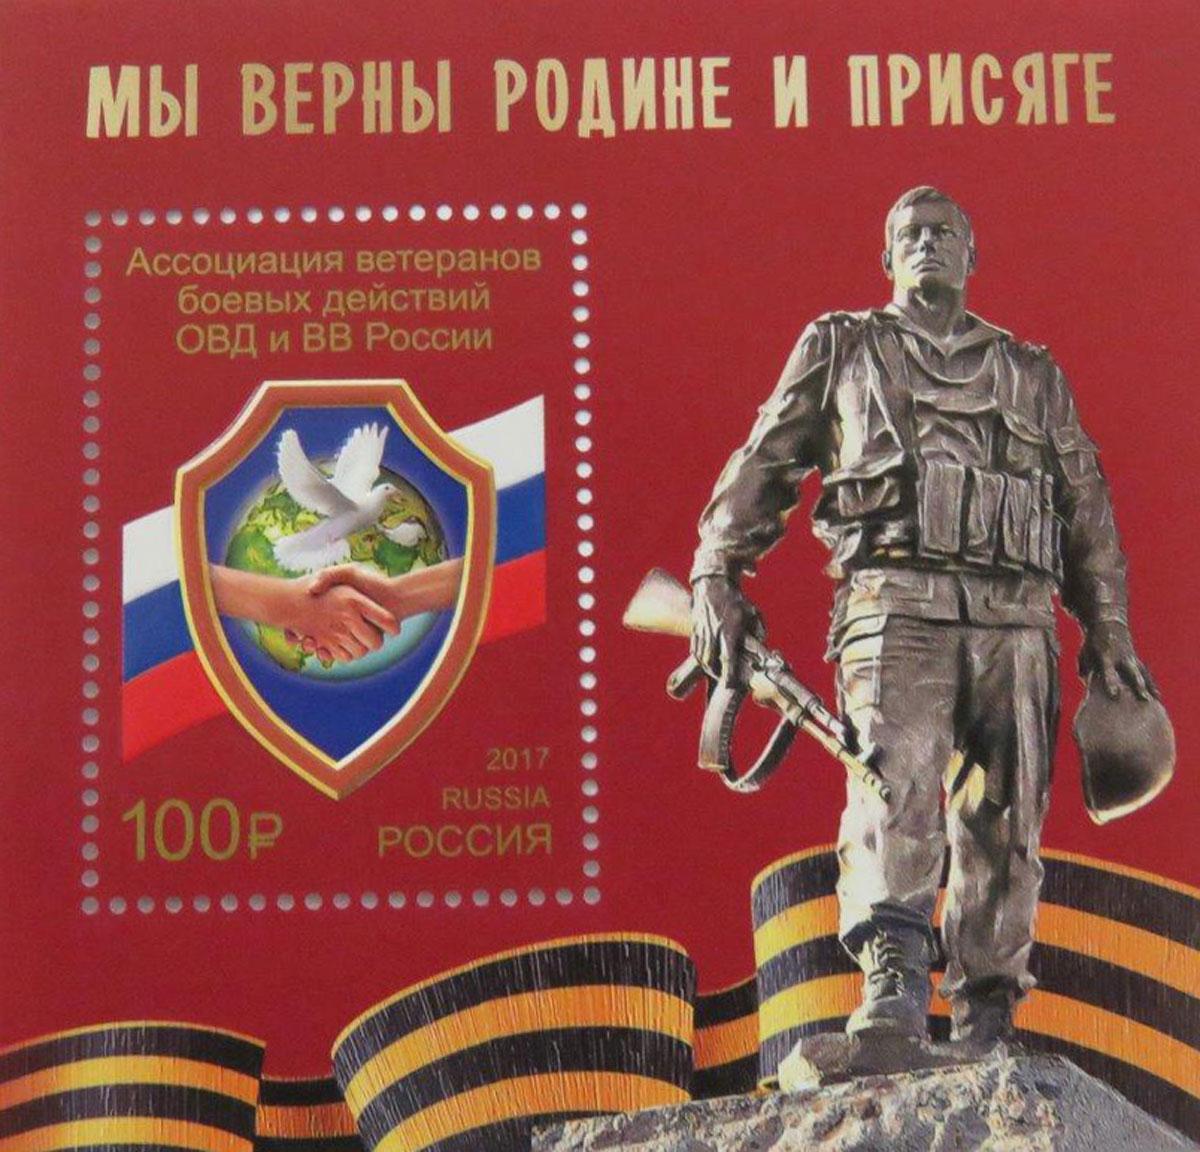 Владивосток Артём: жилье ветеранам боевых действий в 2017 в россии трать